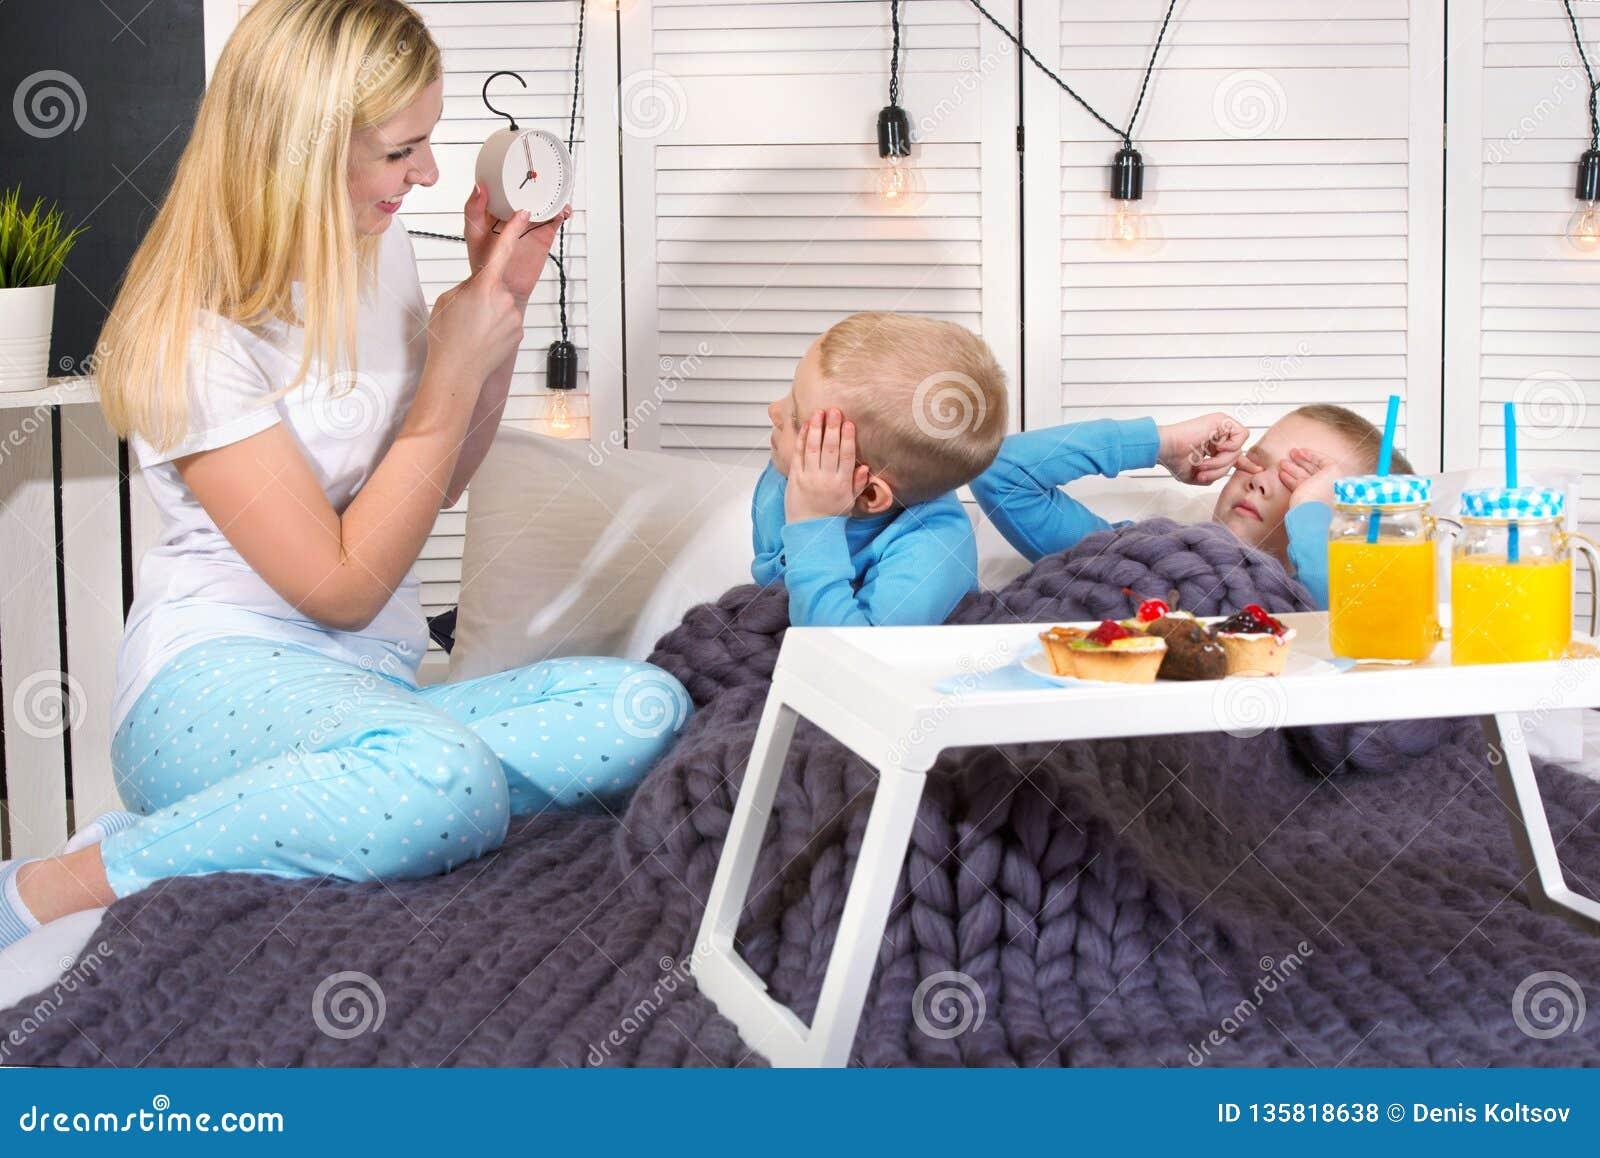 Η μητέρα ξυπνά τους αγαπημένους γιους της Πρόγευμα στο κρεβάτι για τα παιδιά, έκπληξη